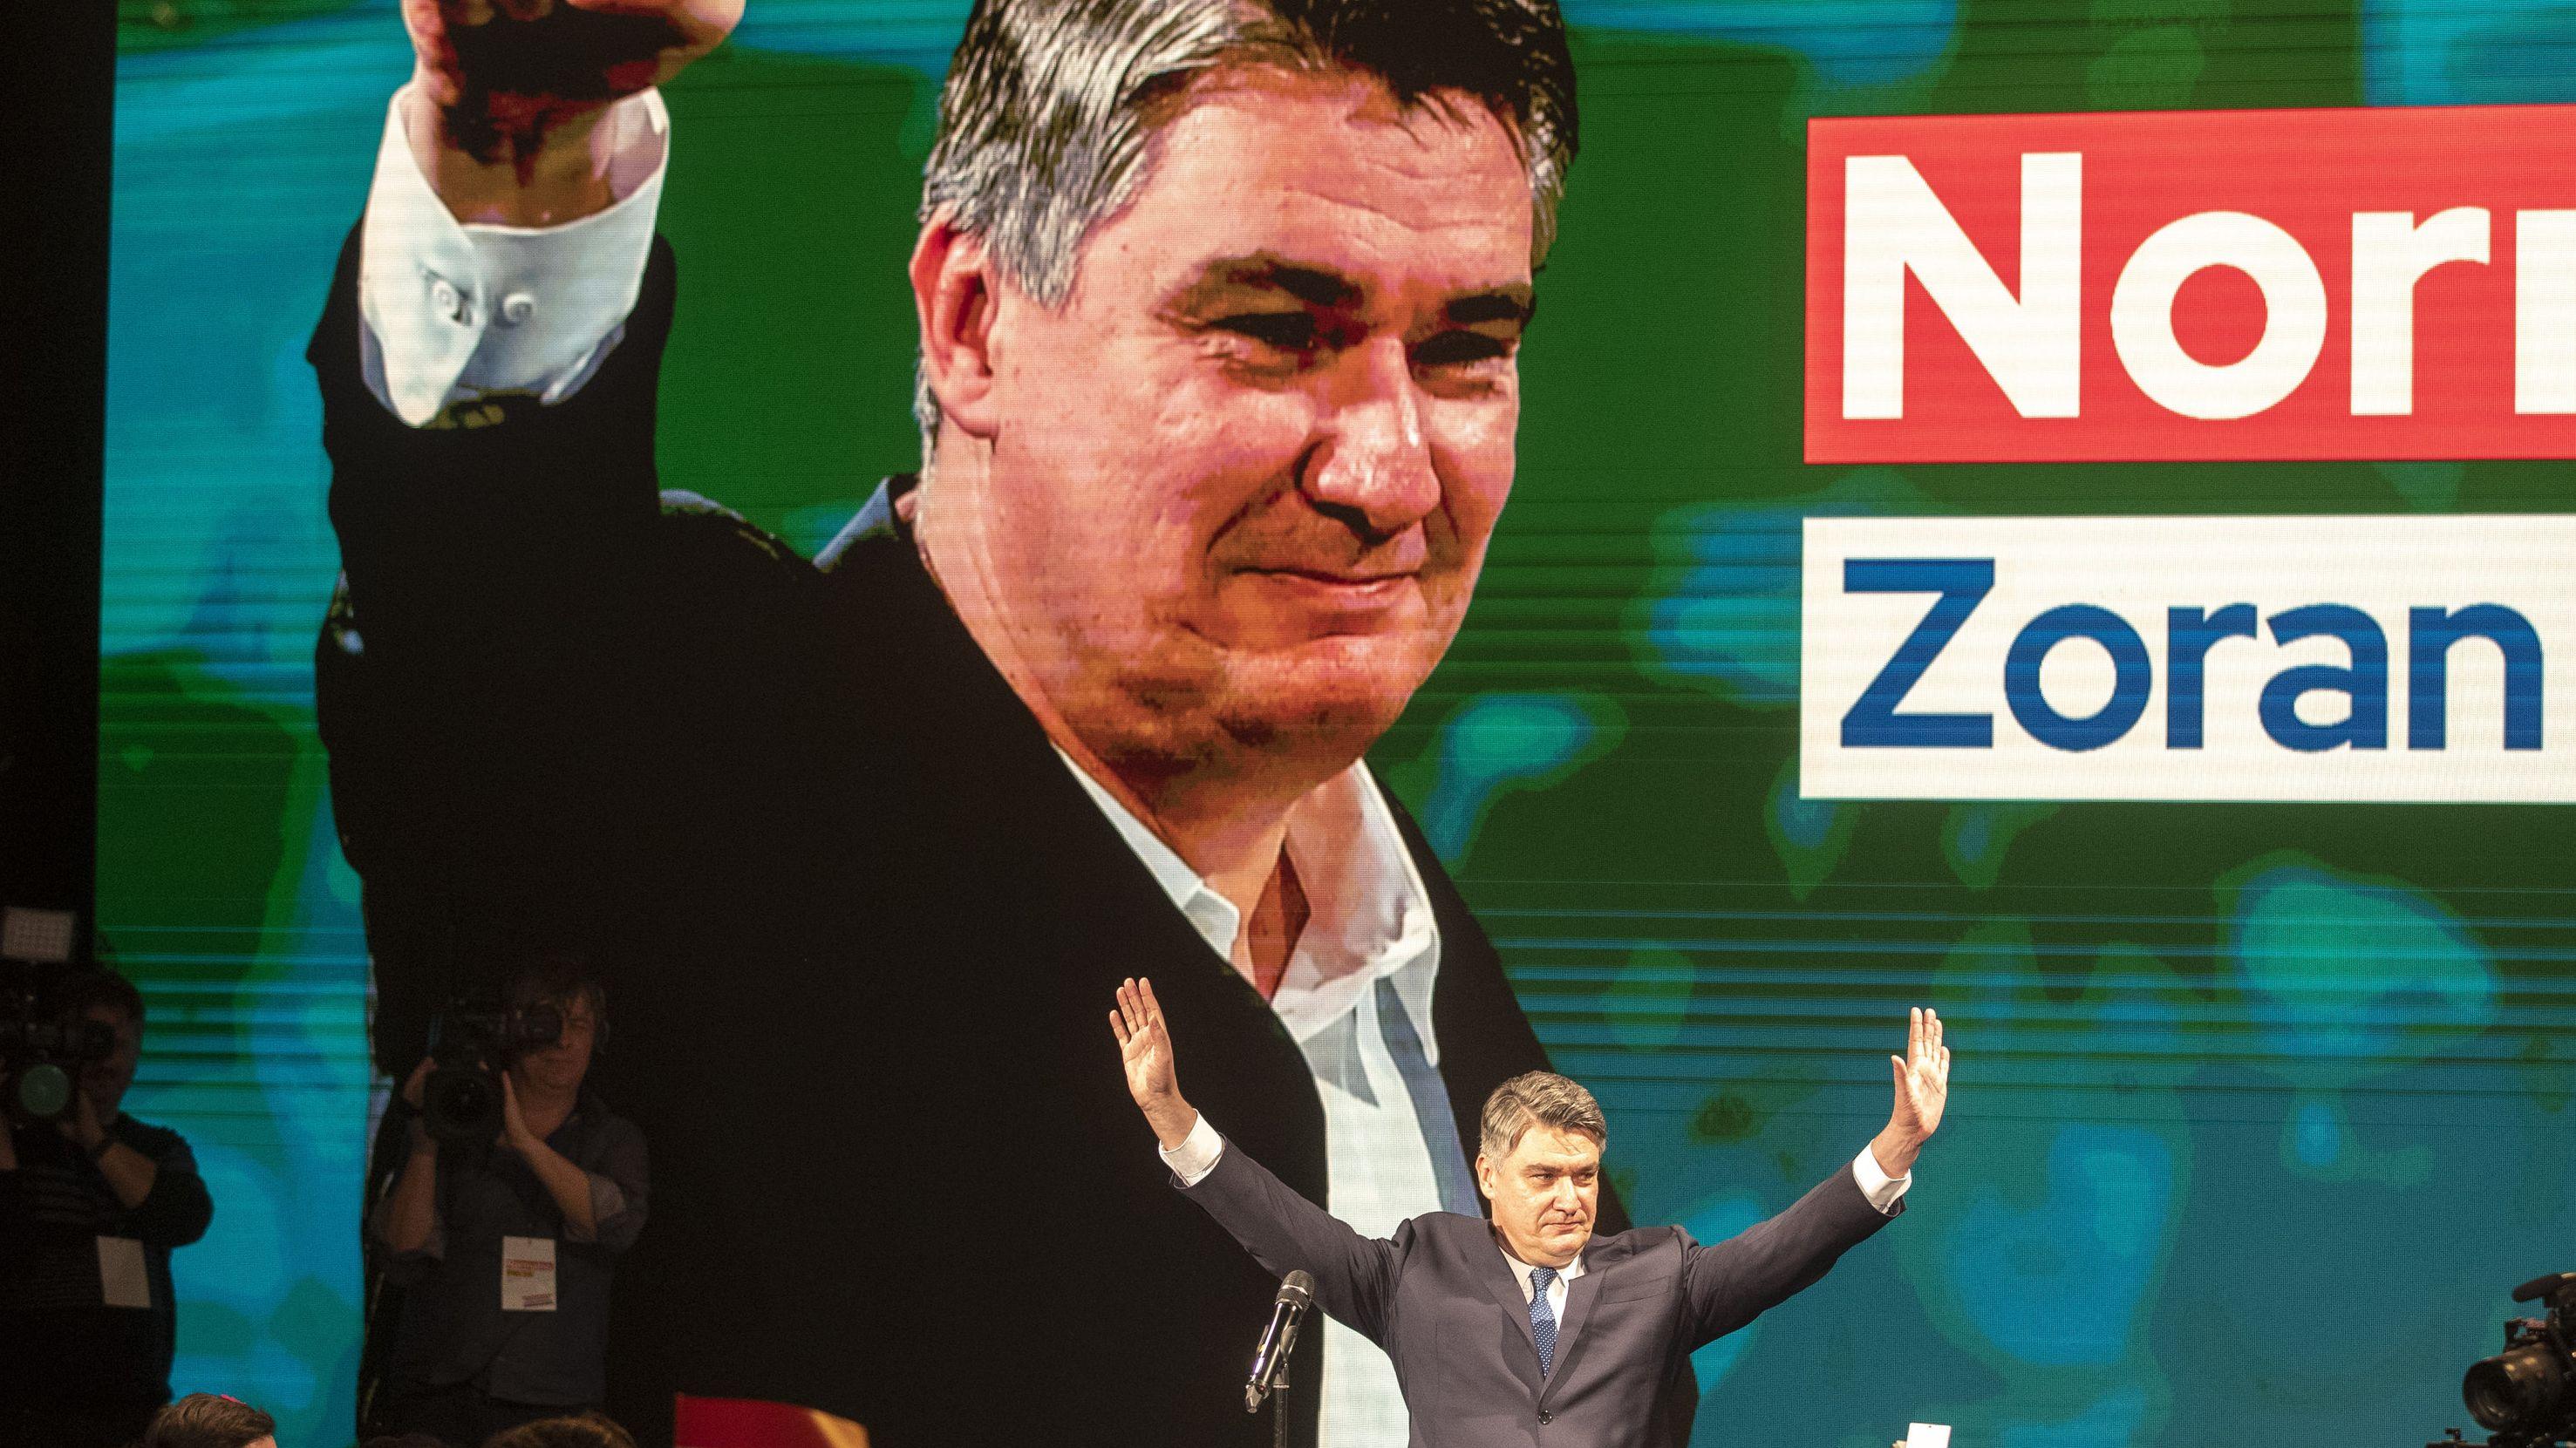 Sozialdemokrat Milanovic hat Amtsinhaberin Grabar-Kitarovic in der ersten Runde der Präsidentschaftswahl in Kroatien geschlagen. Es kommt zur Stichwahl.